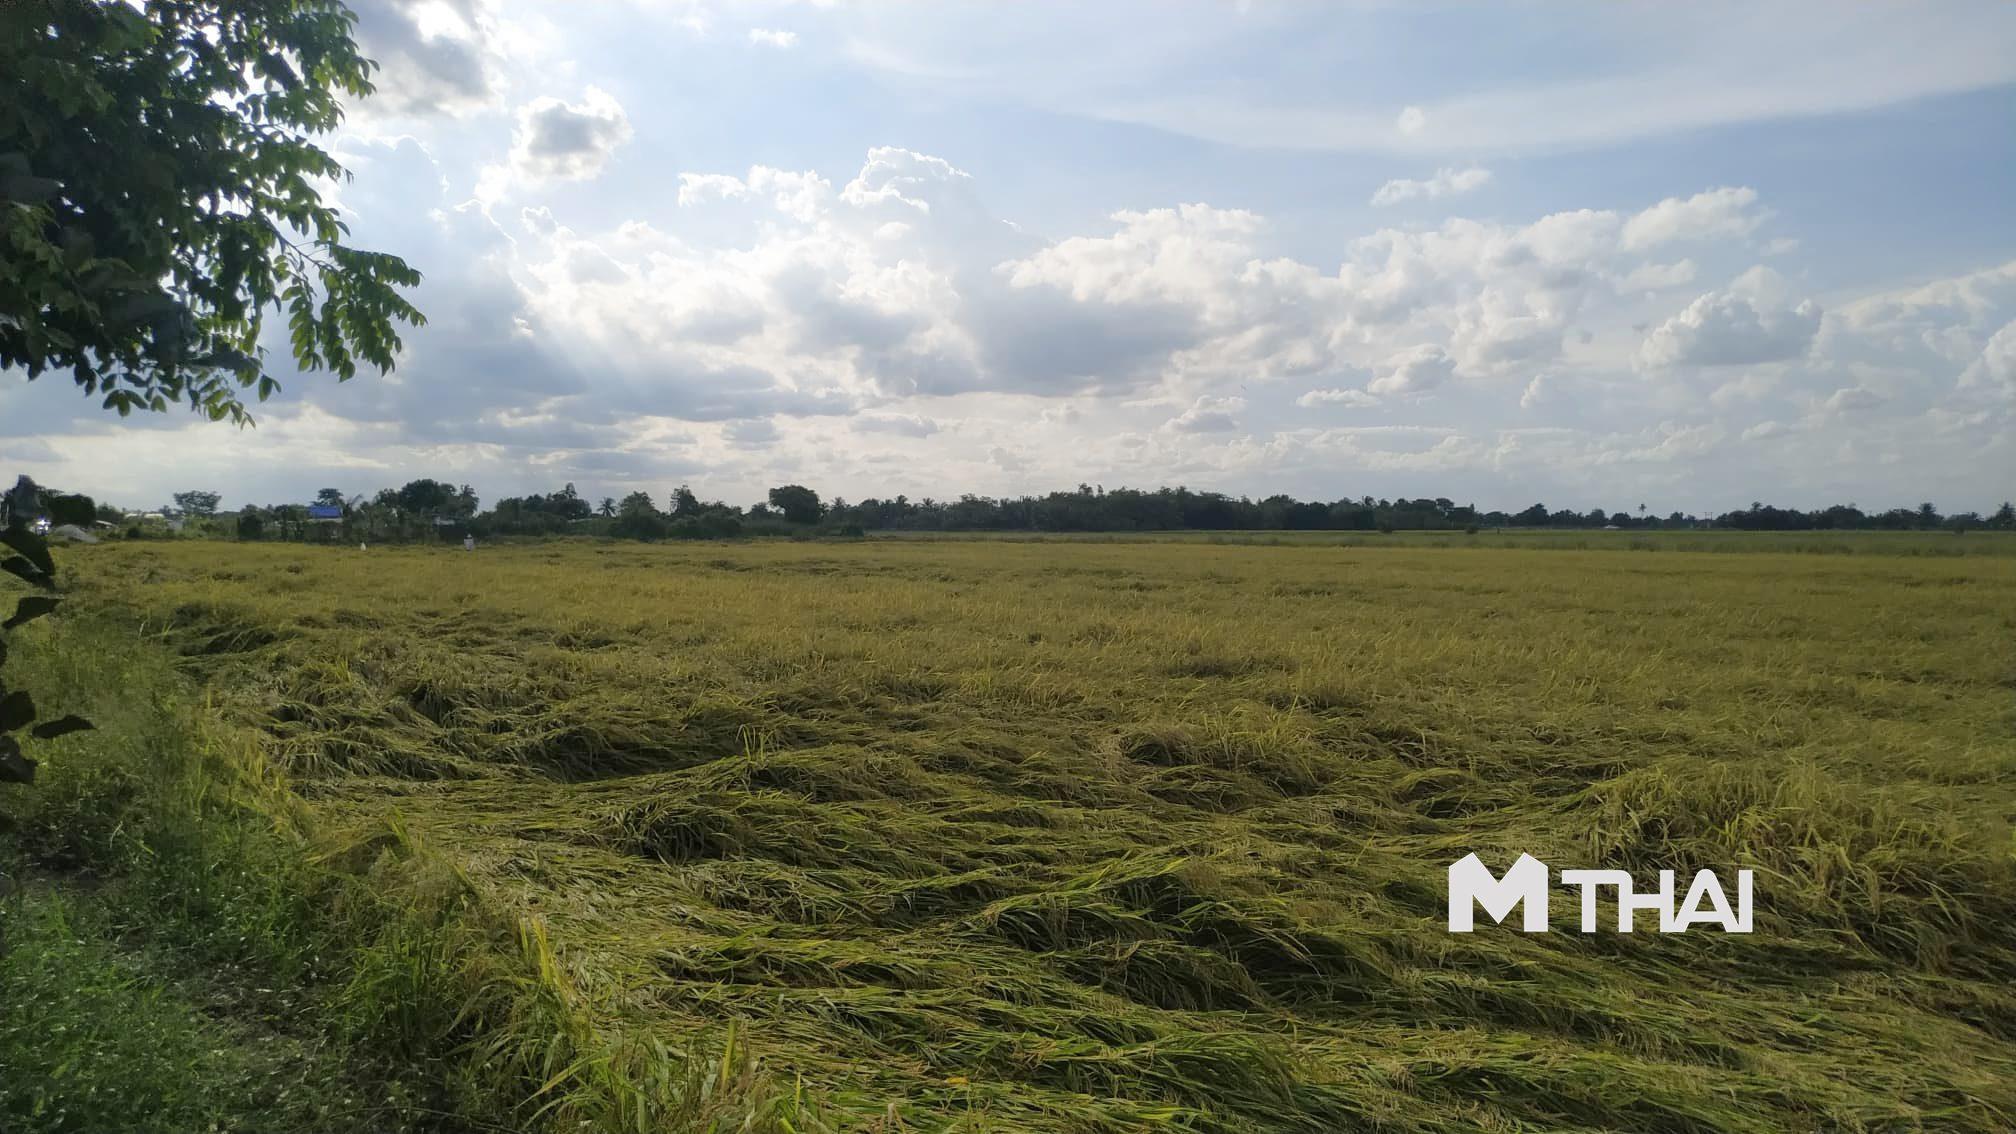 กรมชลฯ ขอเกษตรกร 'งดทำนาปี' เหตุน้ำในเขื่อนมีน้อย